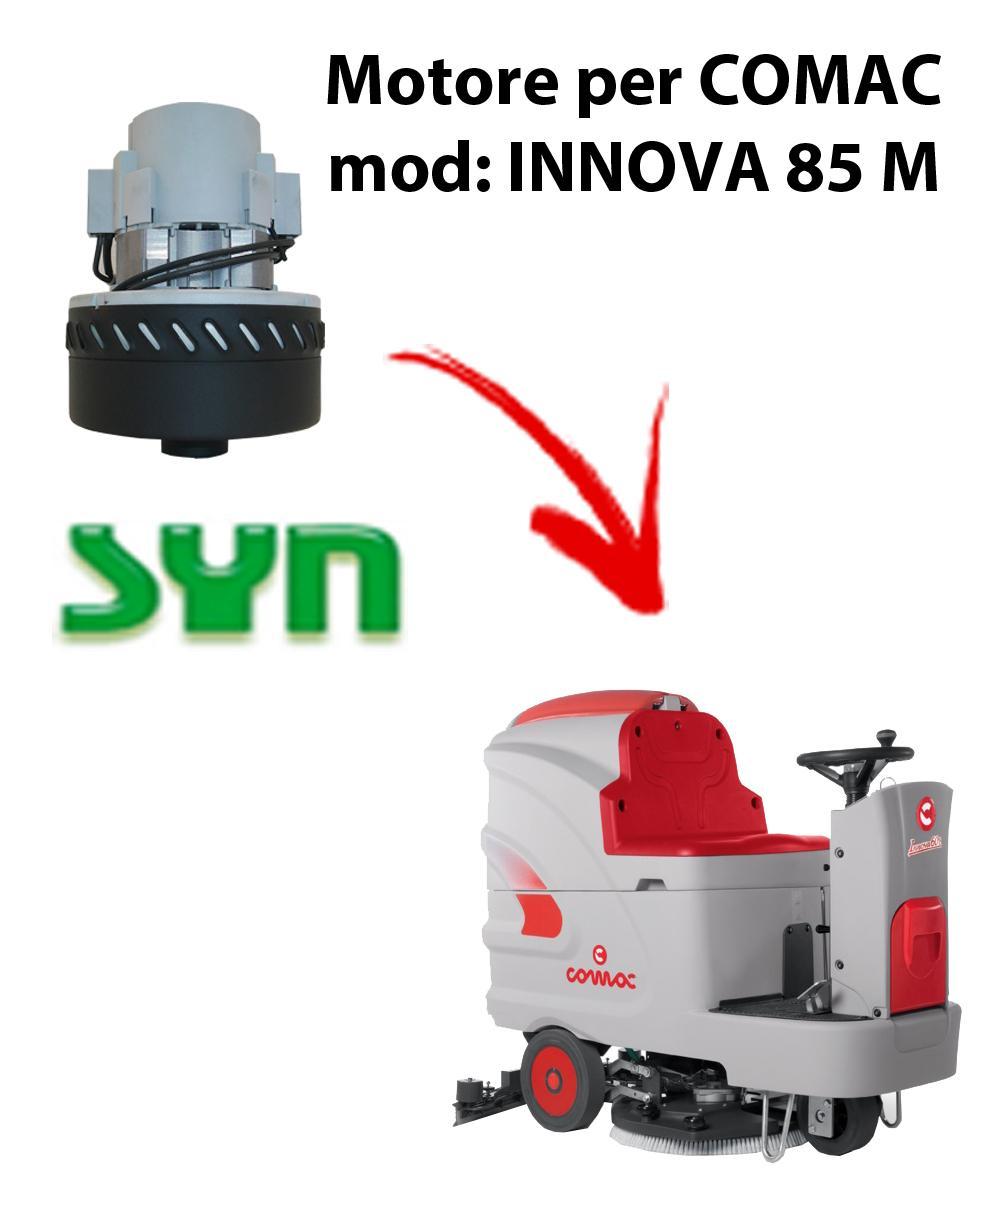 INNOVA 85 M Motore aspirazione SYN per lavapavimenti Comac